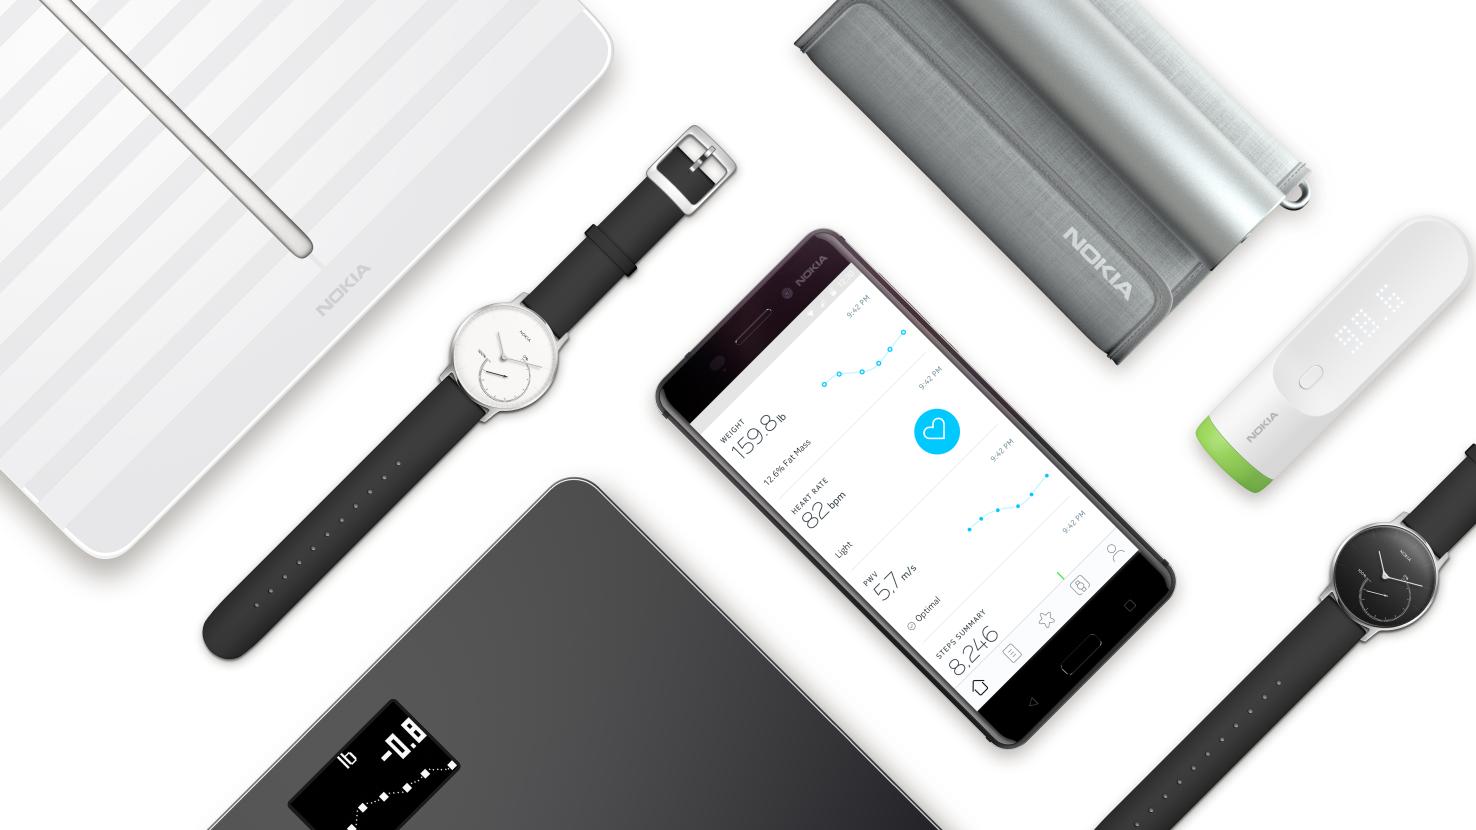 Produtos da Withings rebatizados com a marca Nokia